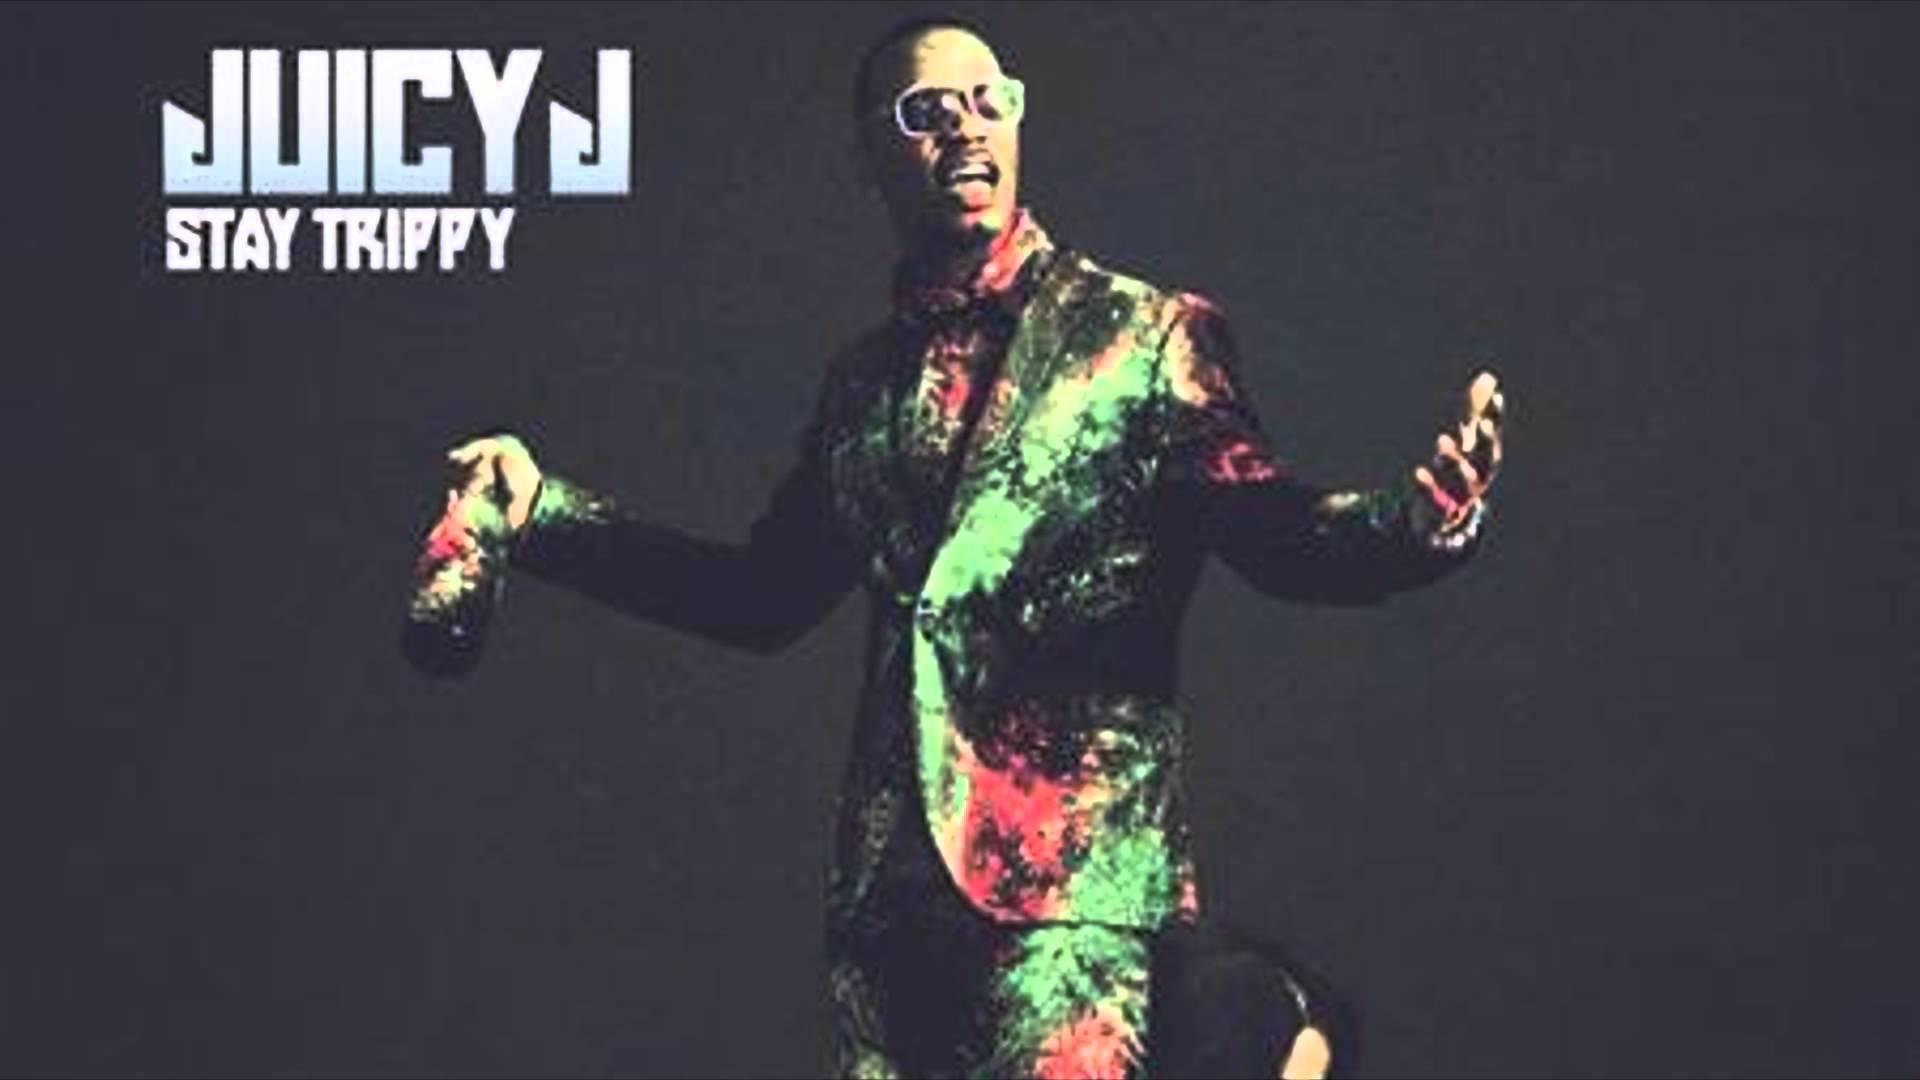 Juicy J Stay Trippy Wallpaper